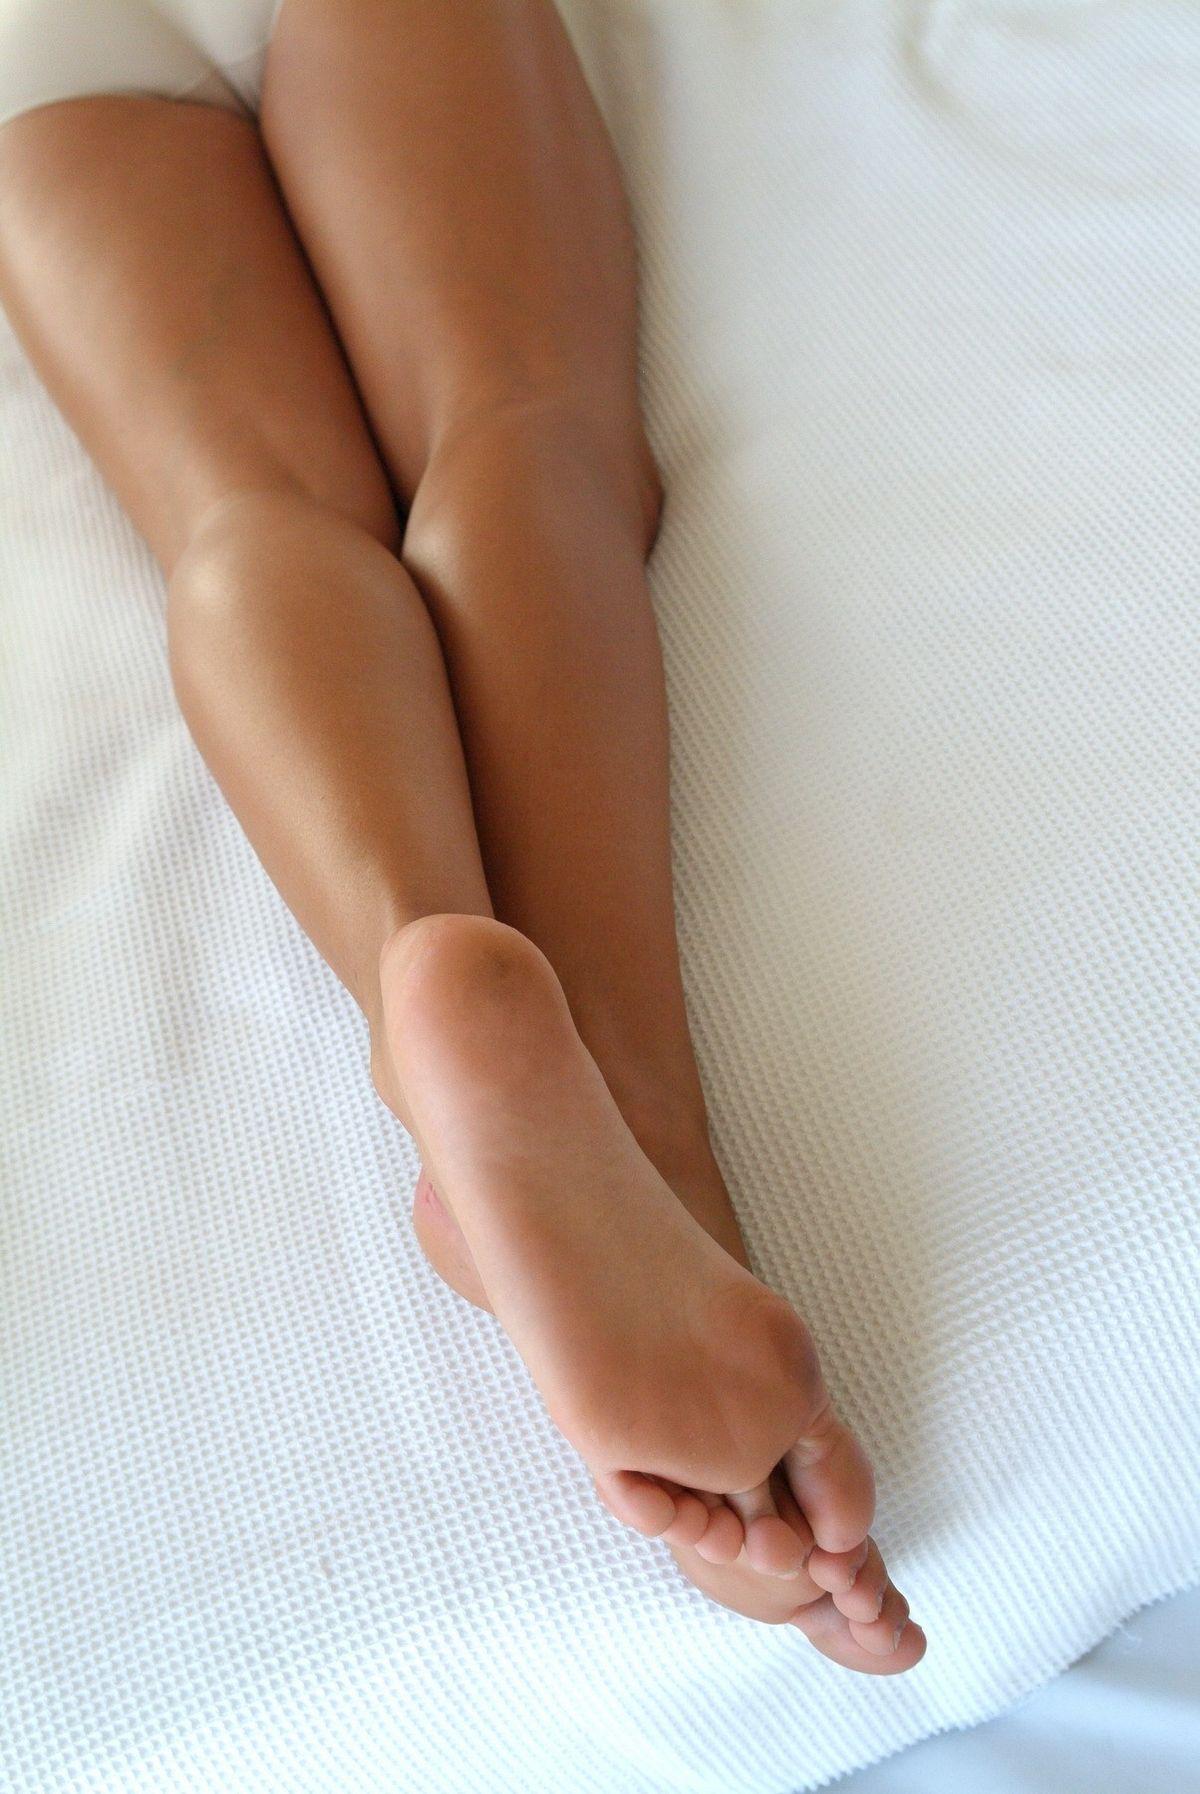 Intalnirea piciorului femeii